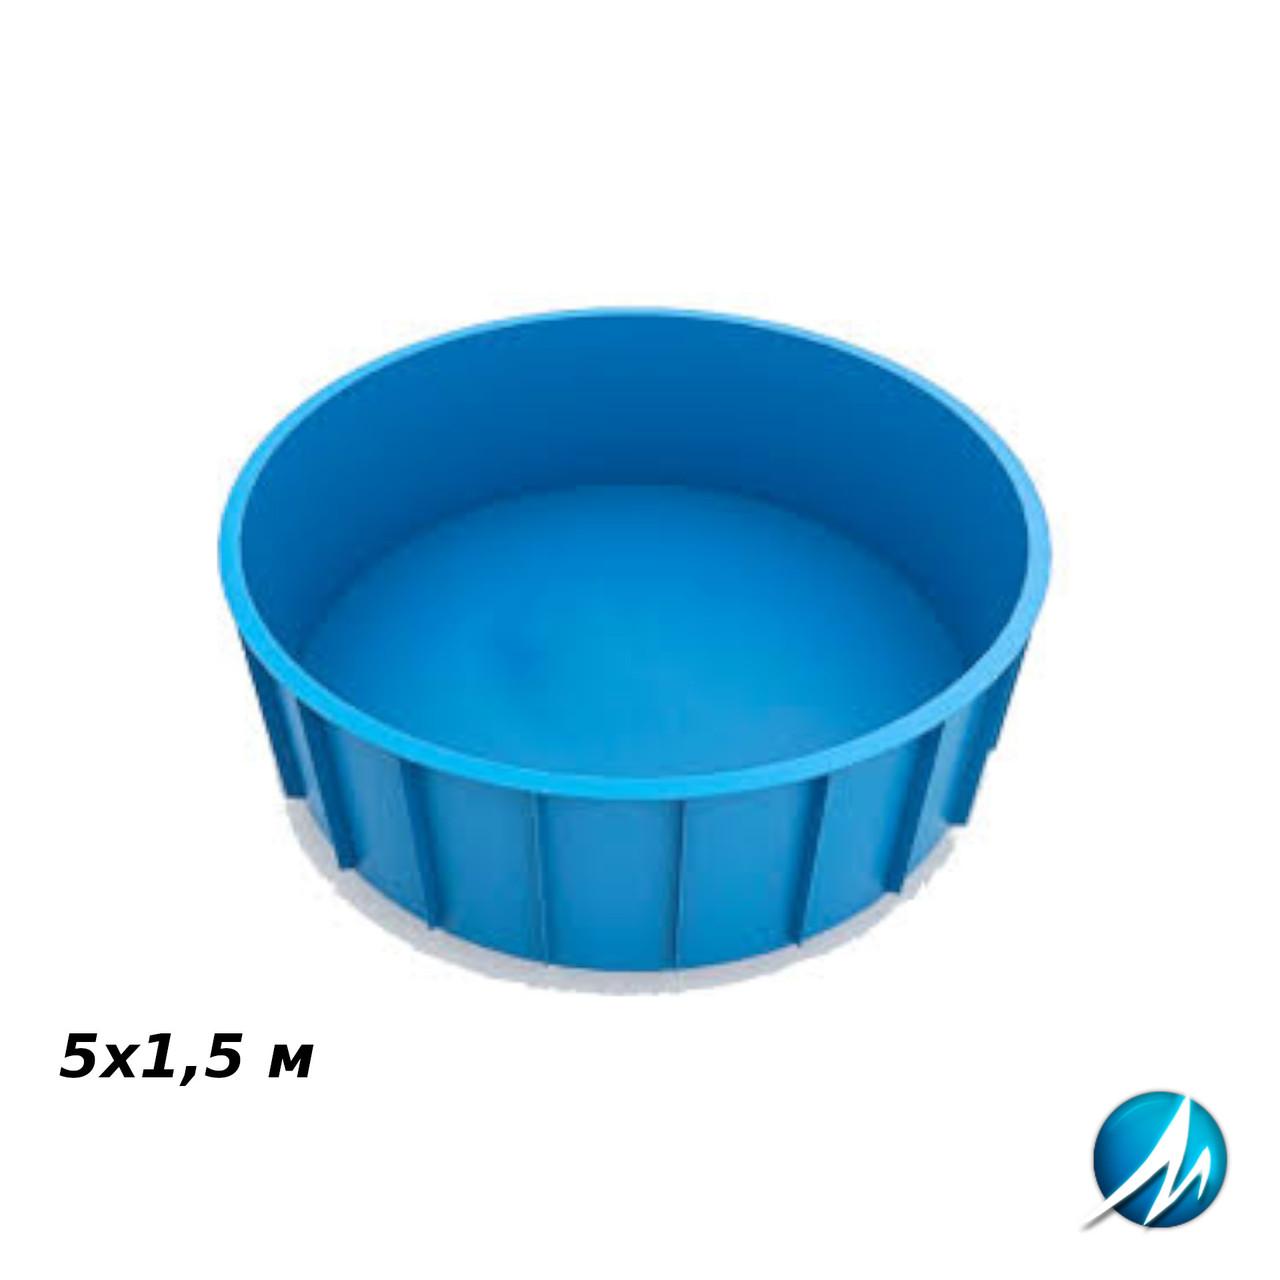 Поліпропіленовий круглий басейн 5х1,5 м